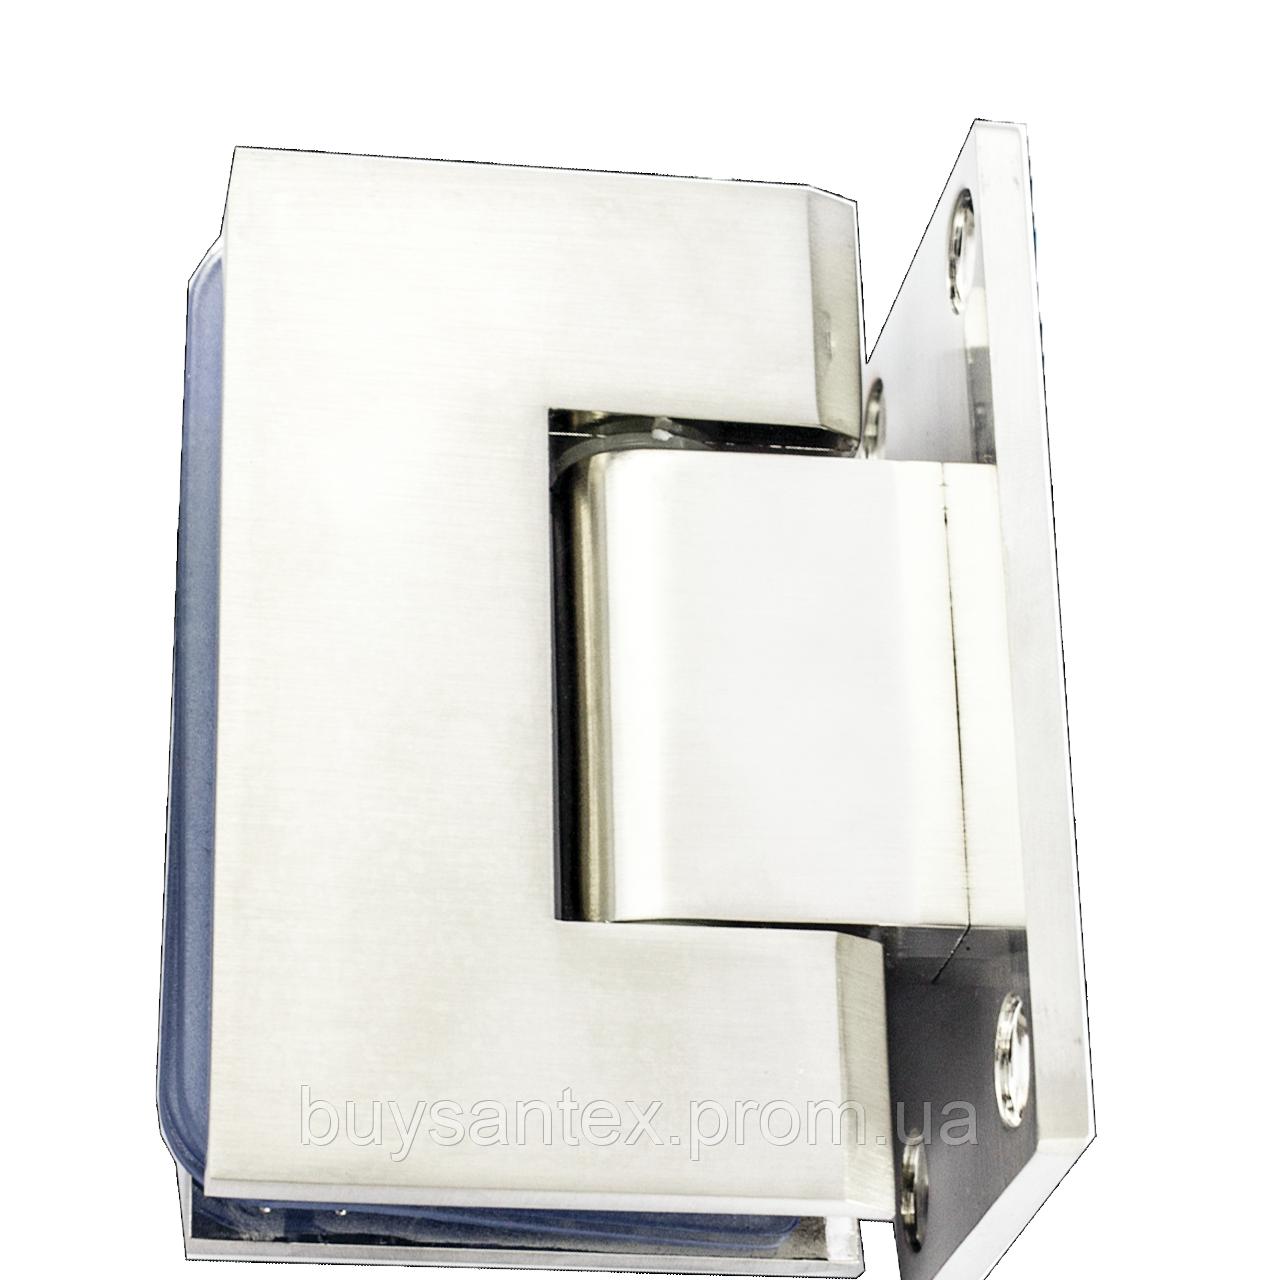 Петля для стекла 90° (стена-стекло) 101 сатин